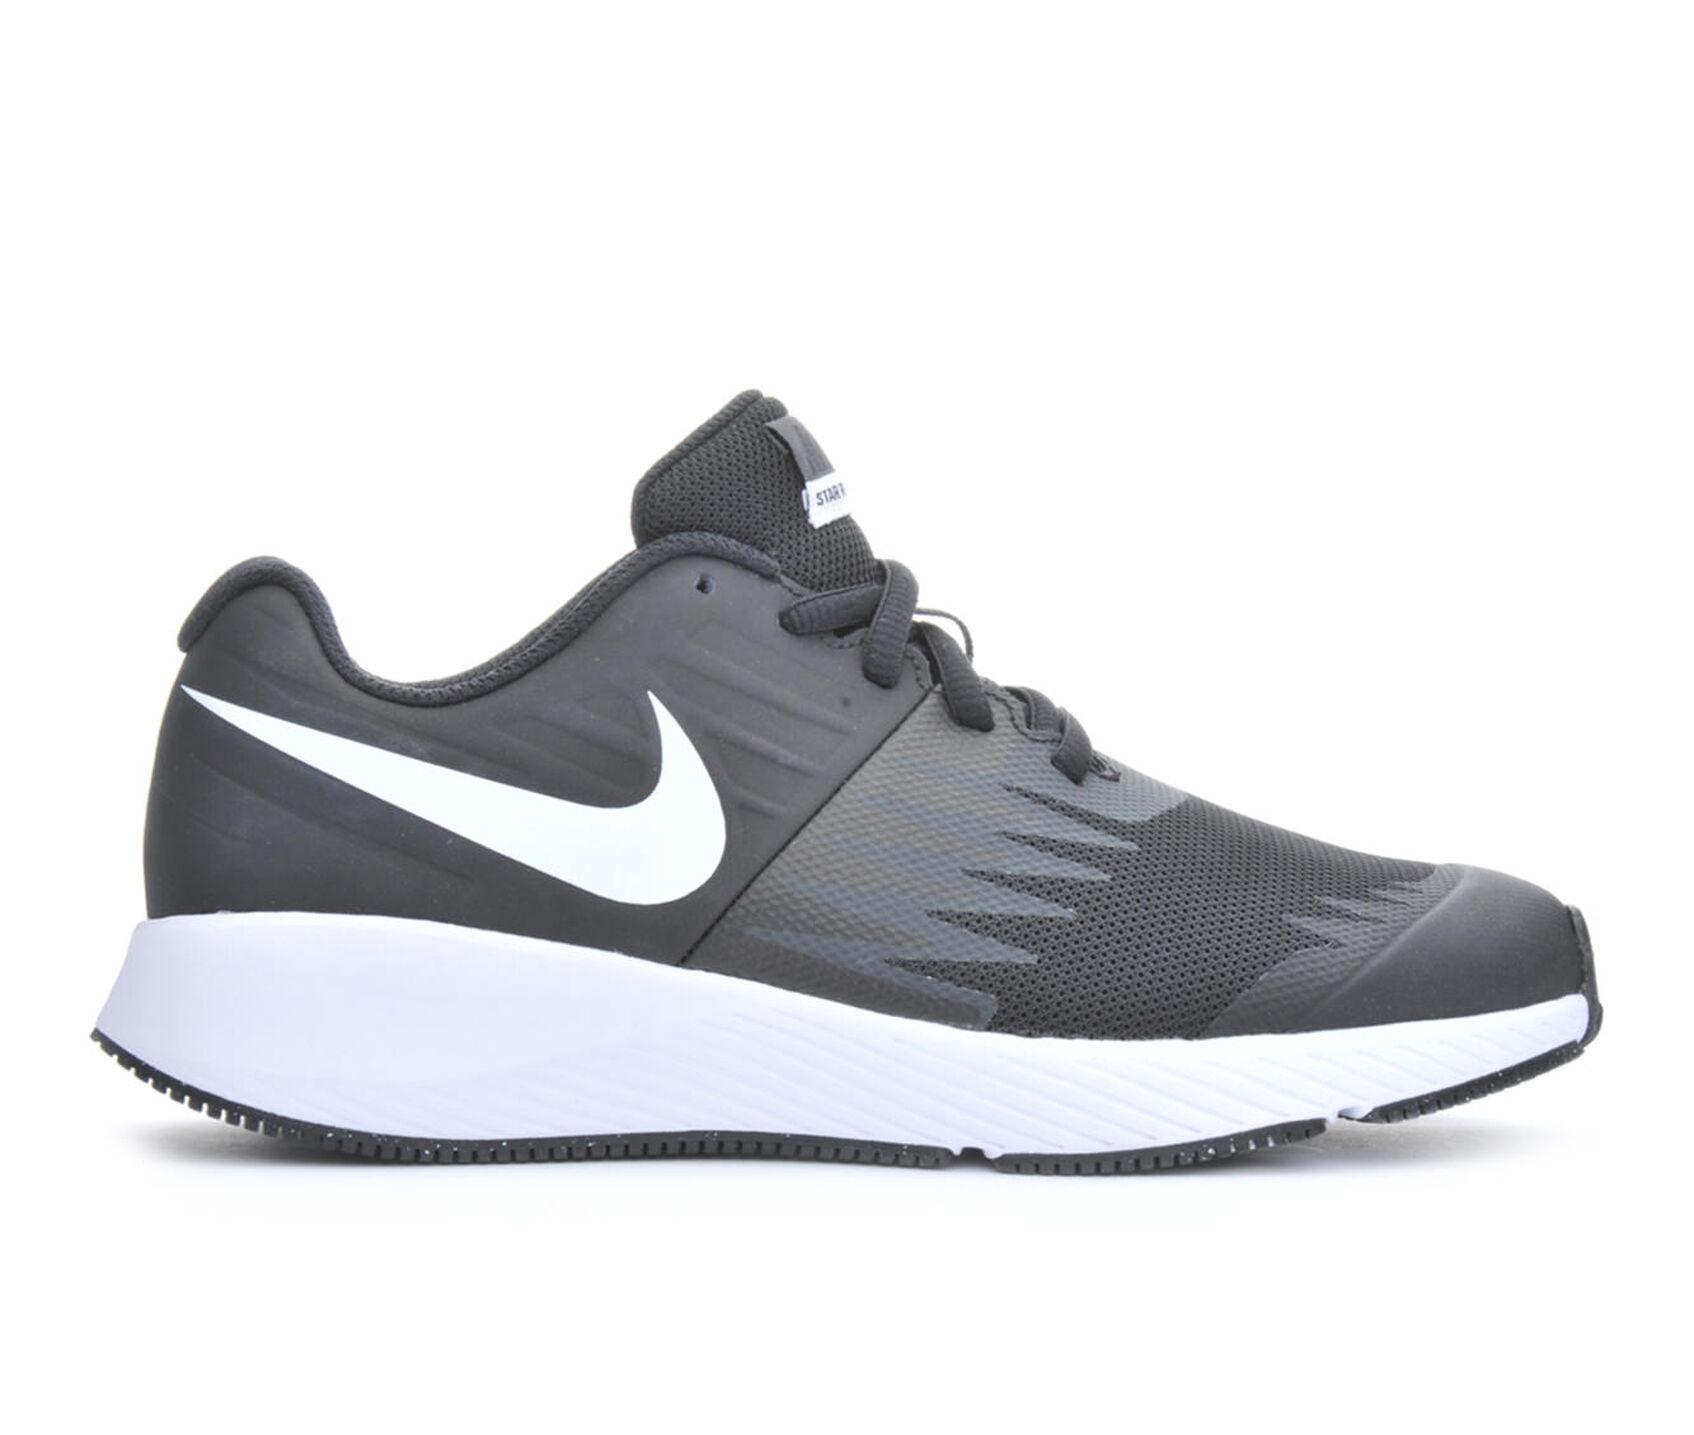 Boys Nike Star Runner 3 5 7 Running Shoes